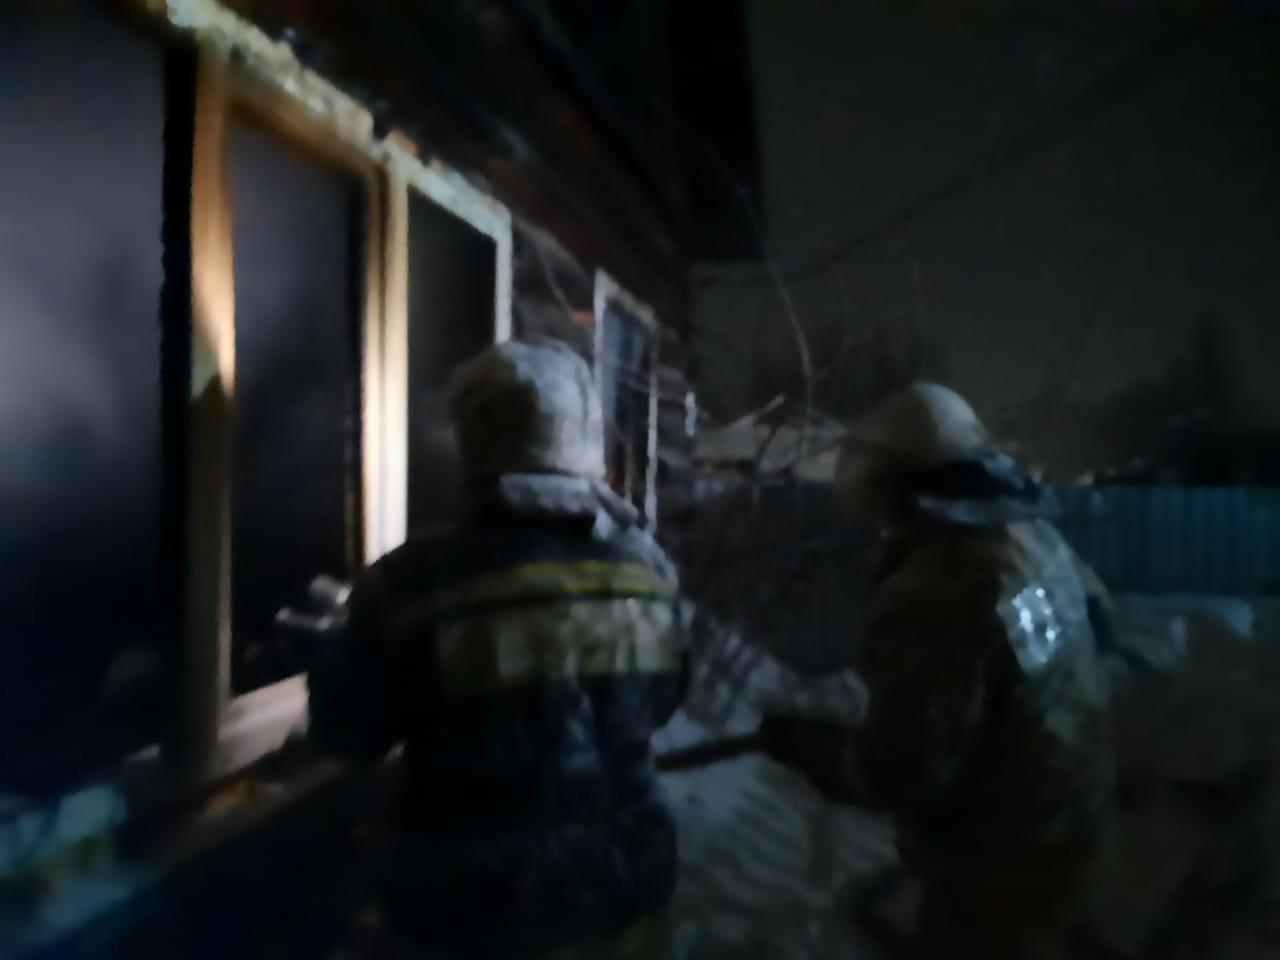 Стали известны подробности пожара с гибелью детей в Омской области #Новости #Общество #Омск